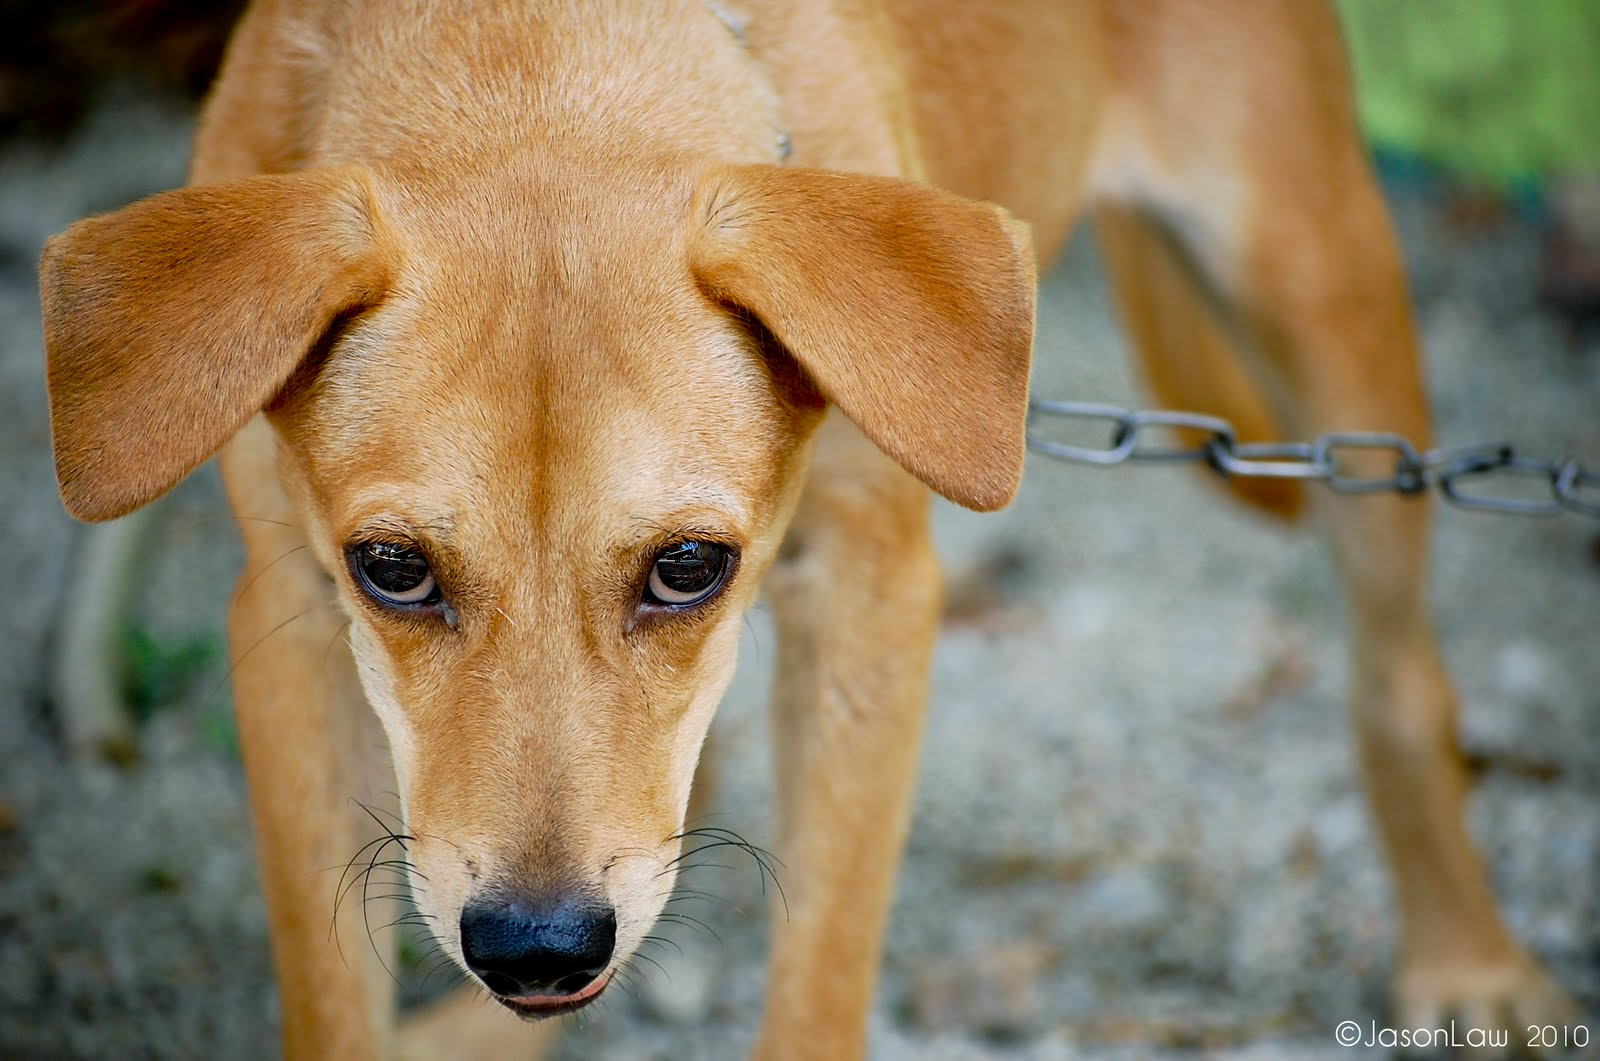 http://4.bp.blogspot.com/_4i5HngzV2GE/S6zQ8pE30SI/AAAAAAAAA_Y/F1C69XxaP1g/s1600/Dog+eye.jpg